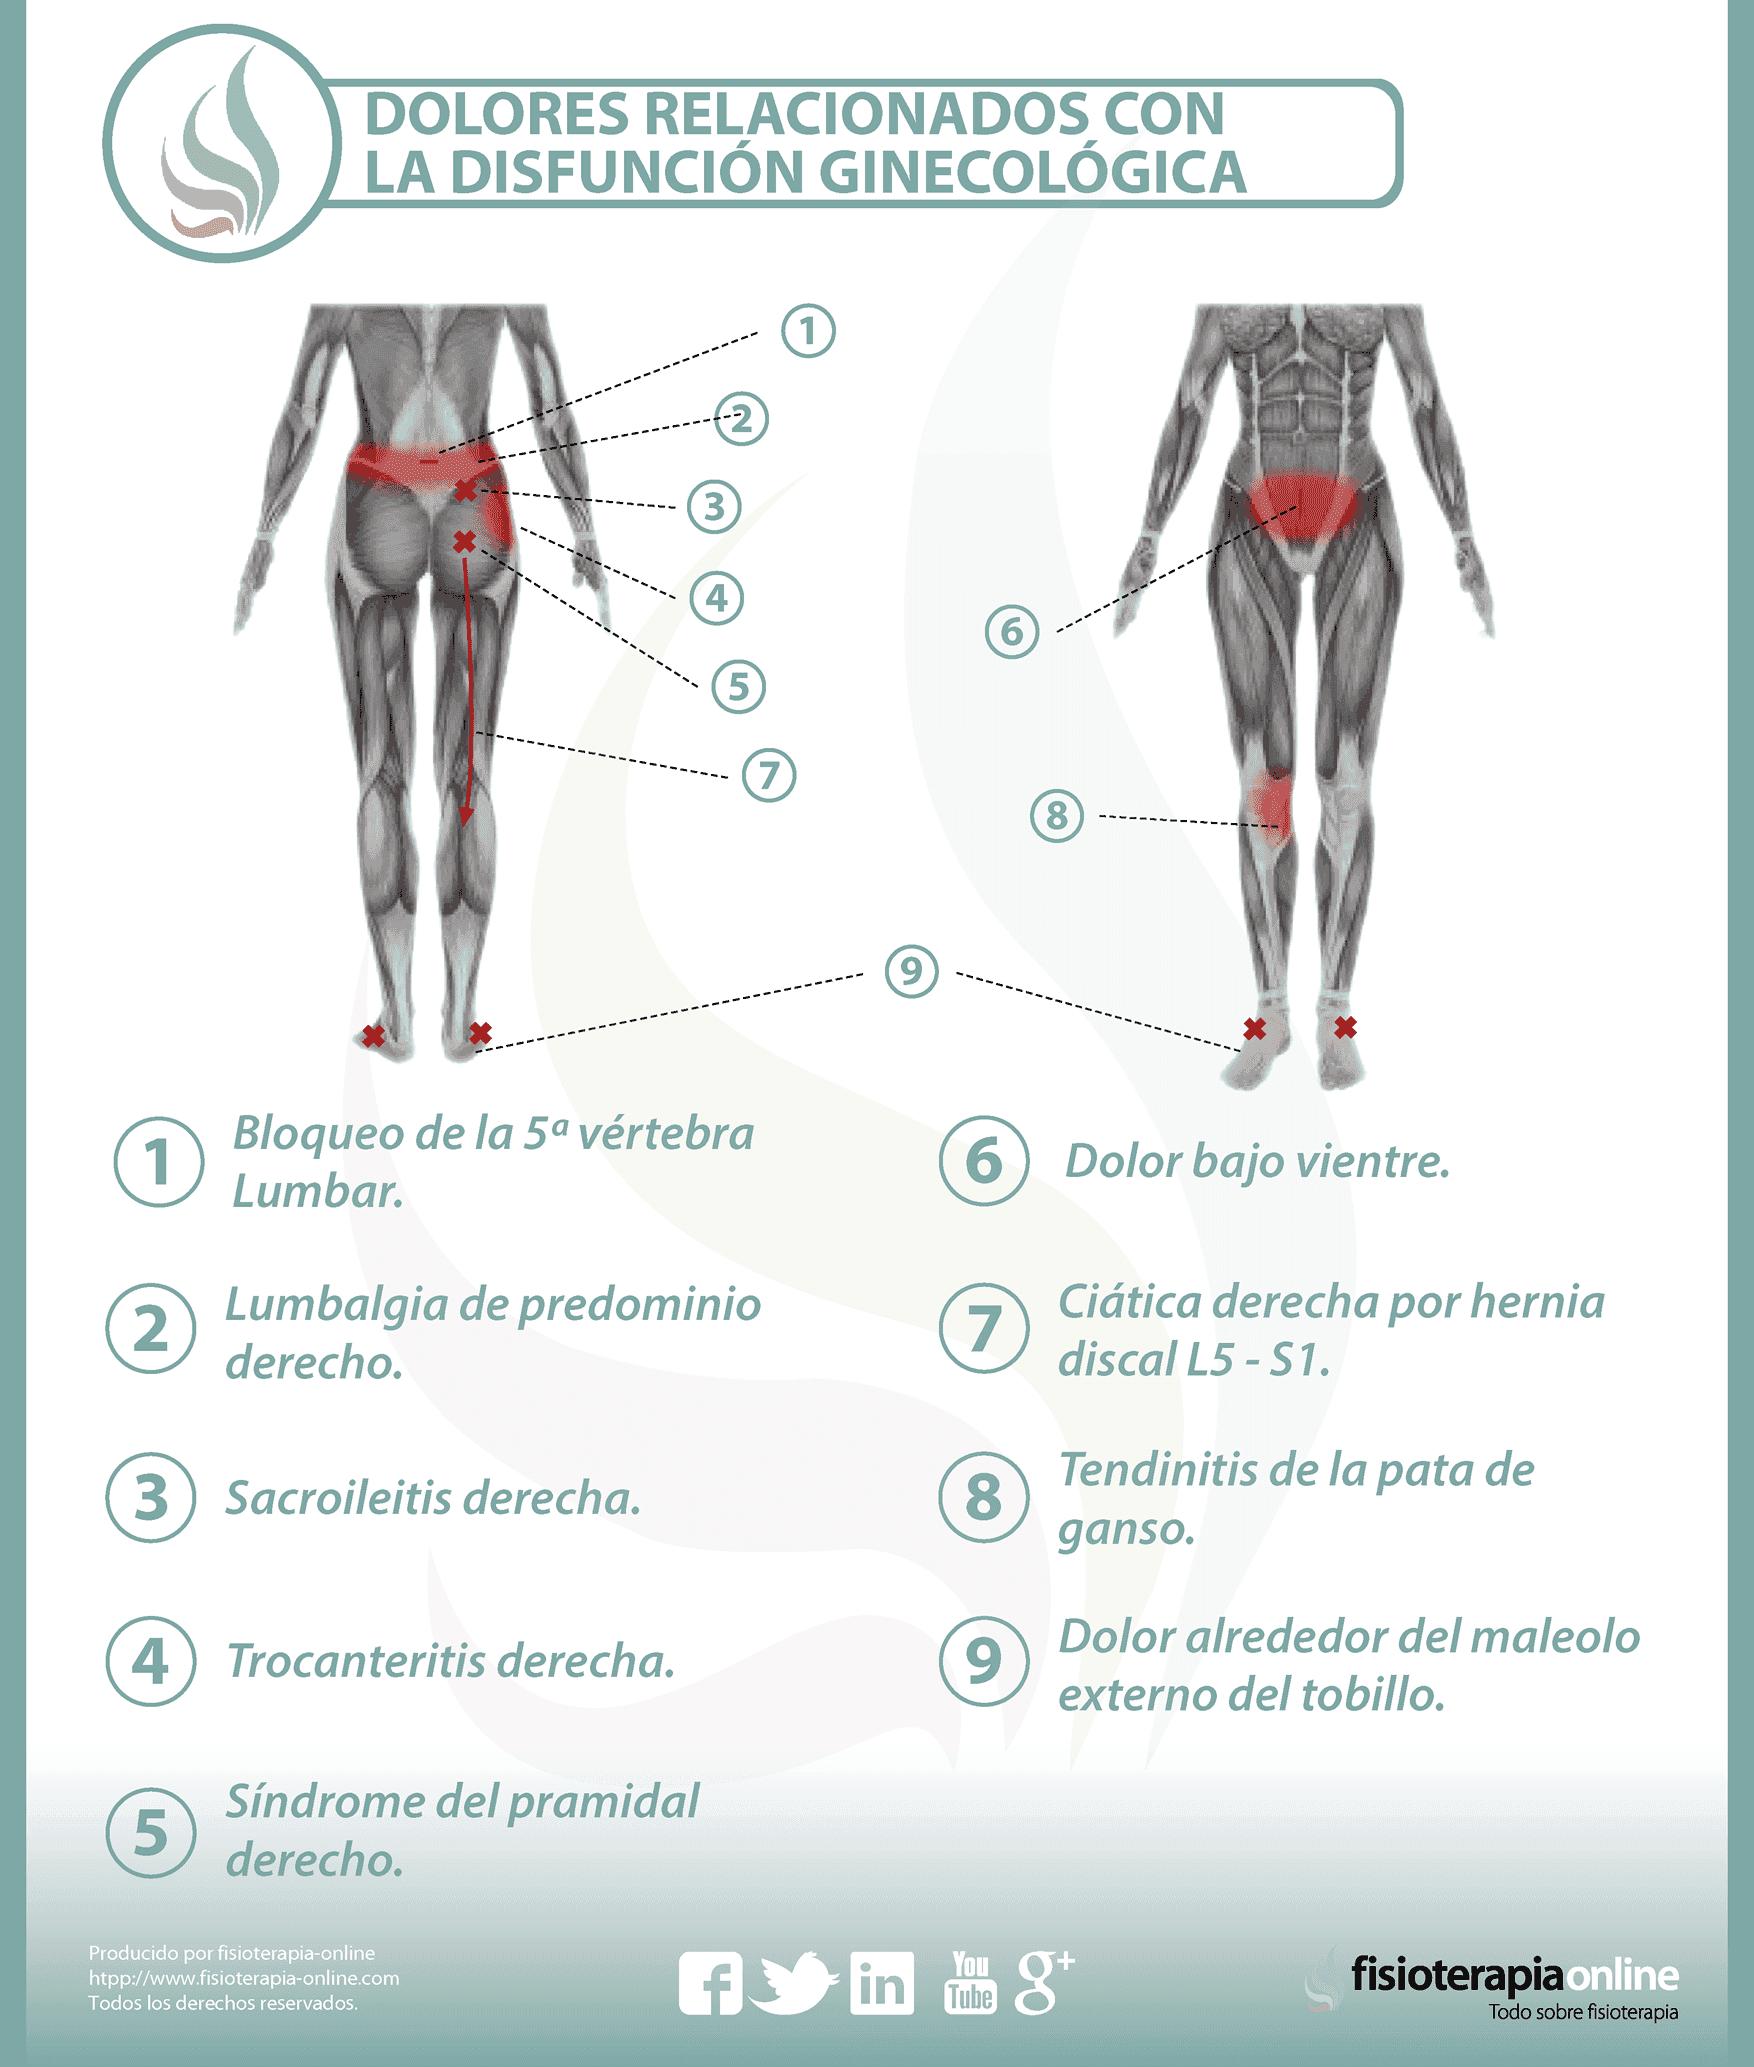 dolores relacionados con la disfunción ginecológica